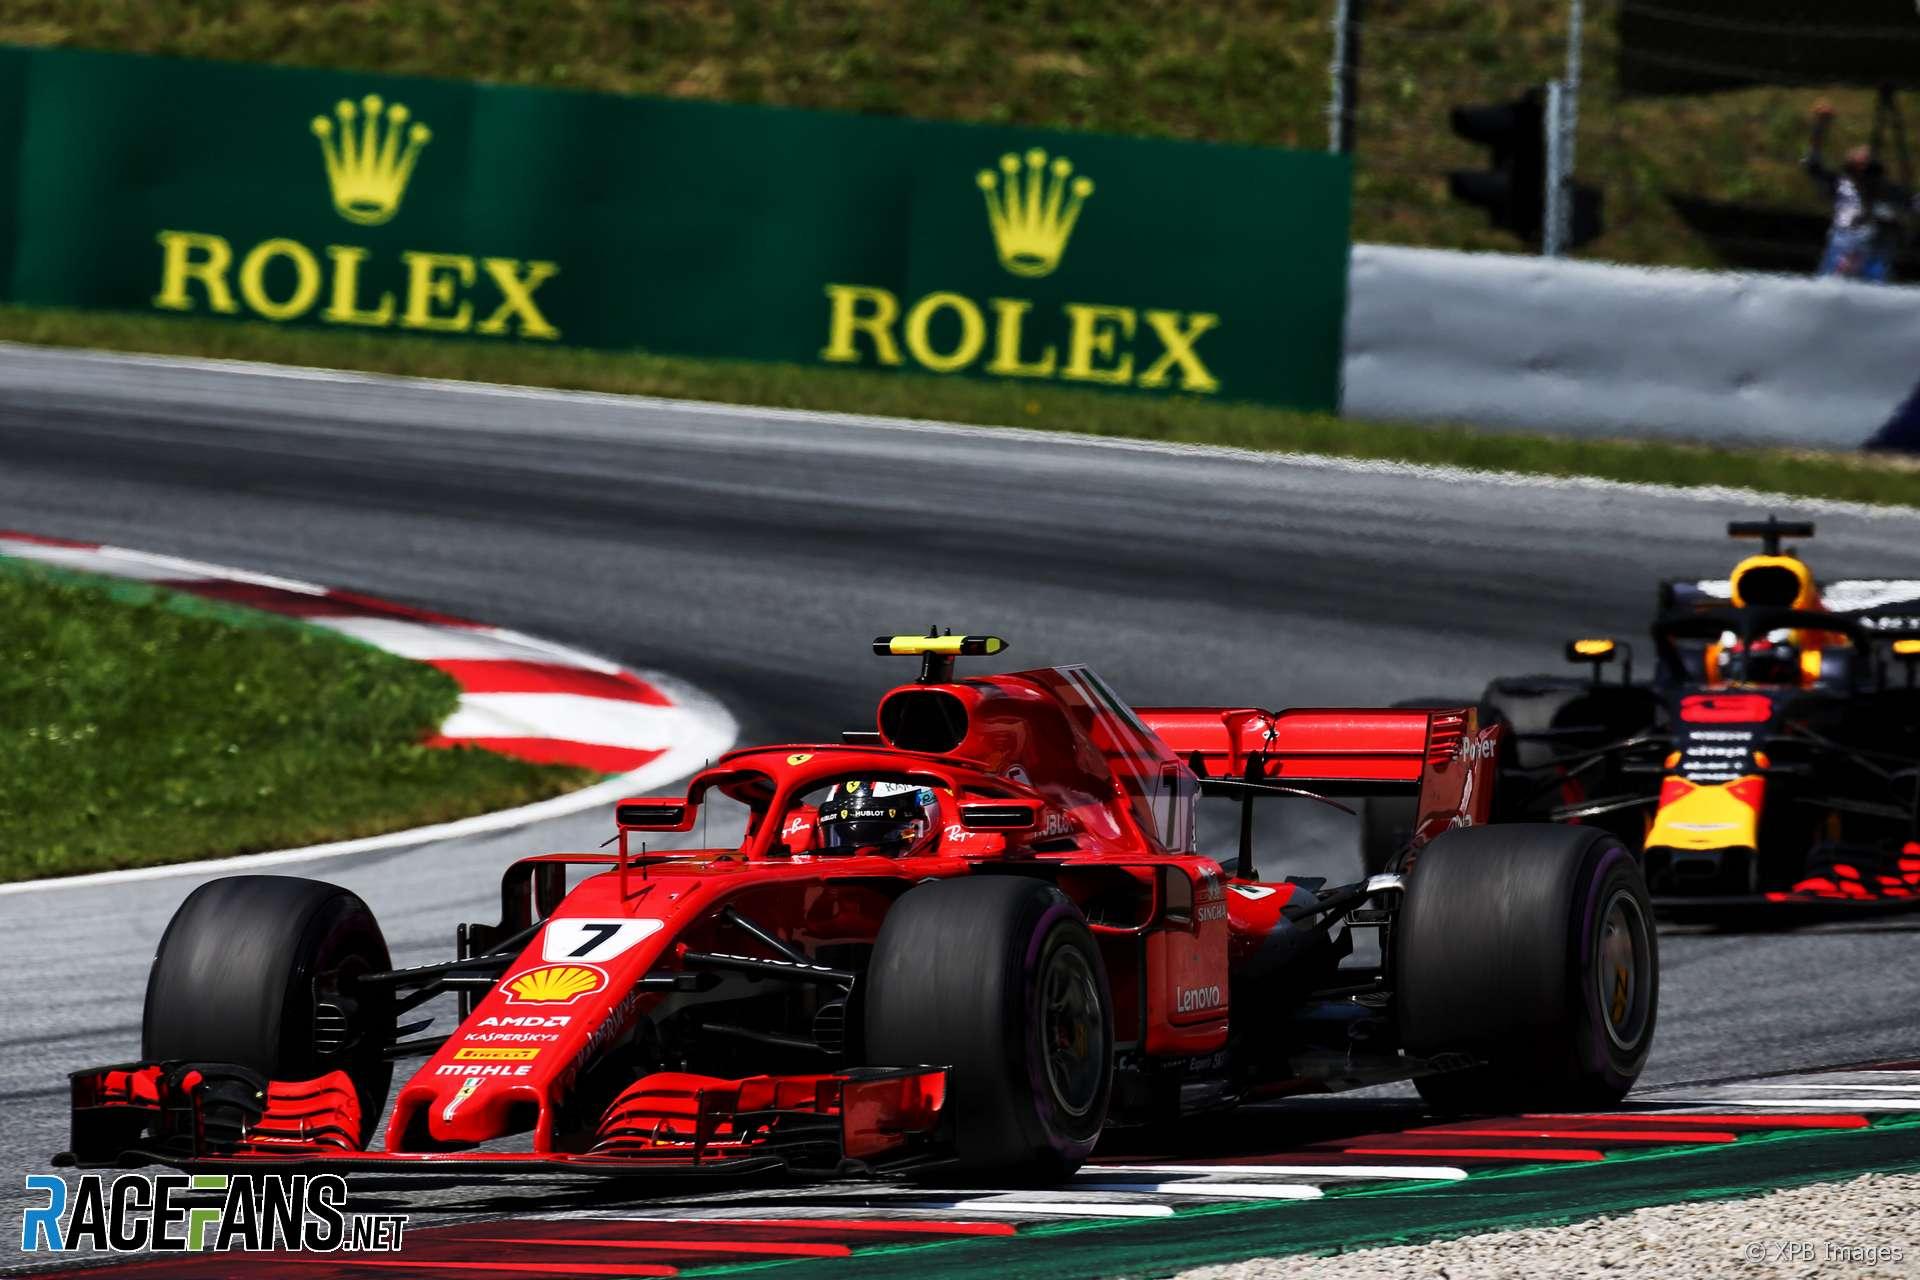 Kimi Raikkonen, Ferrari, Red Bull Ring, 2018